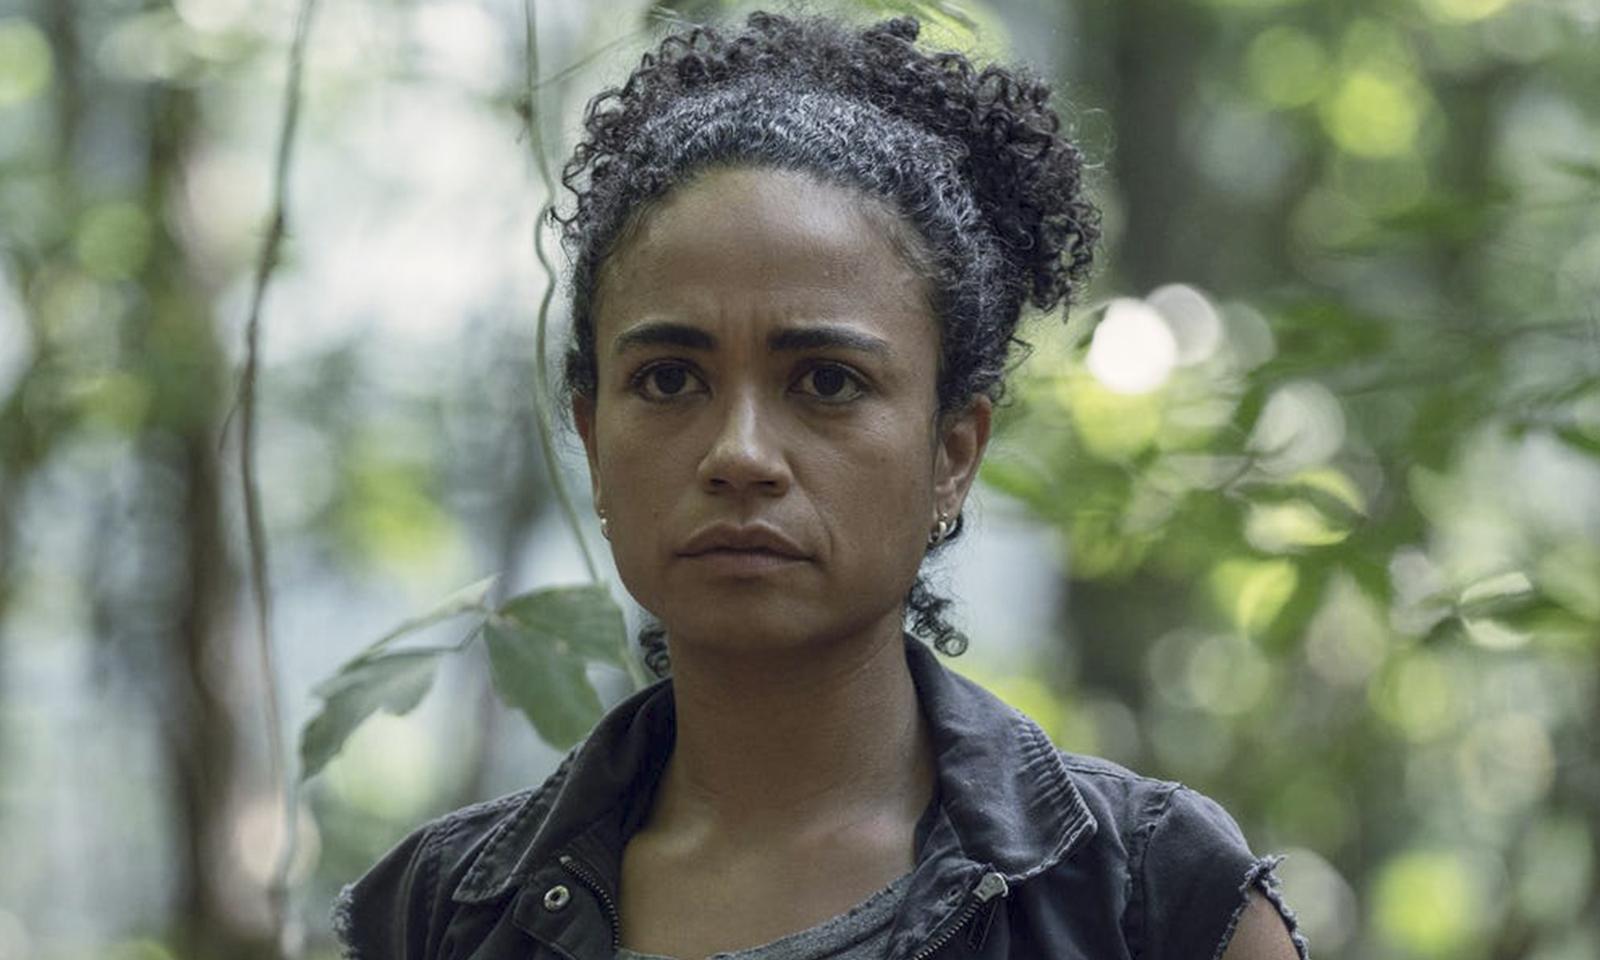 Connie na floresta em imagem da 10ª temporada de The Walking Dead